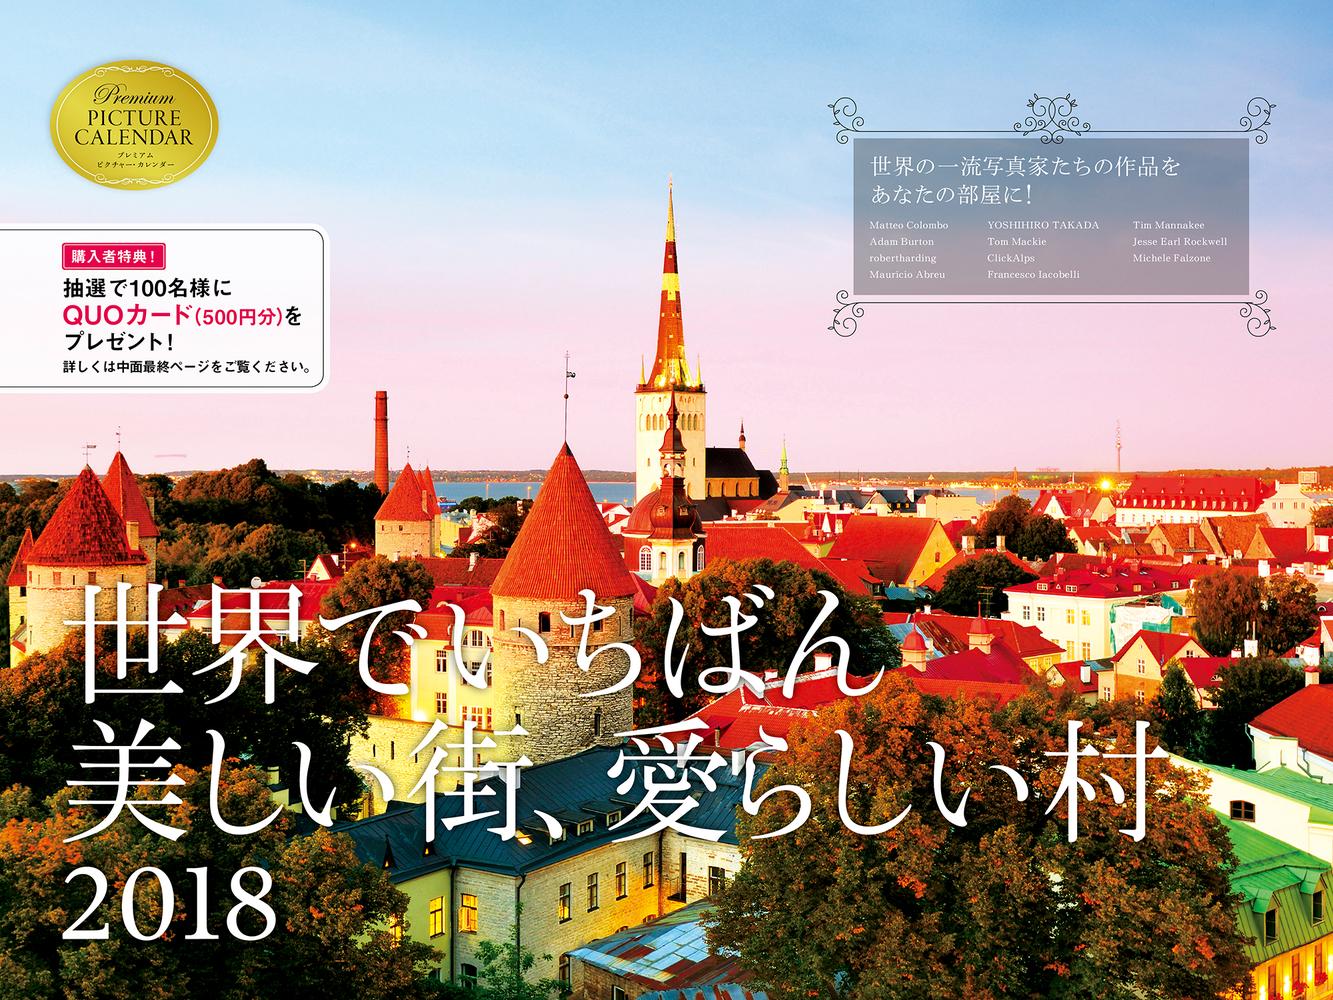 2018 世界でいちばん美しい街、愛らしい村 カレンダー